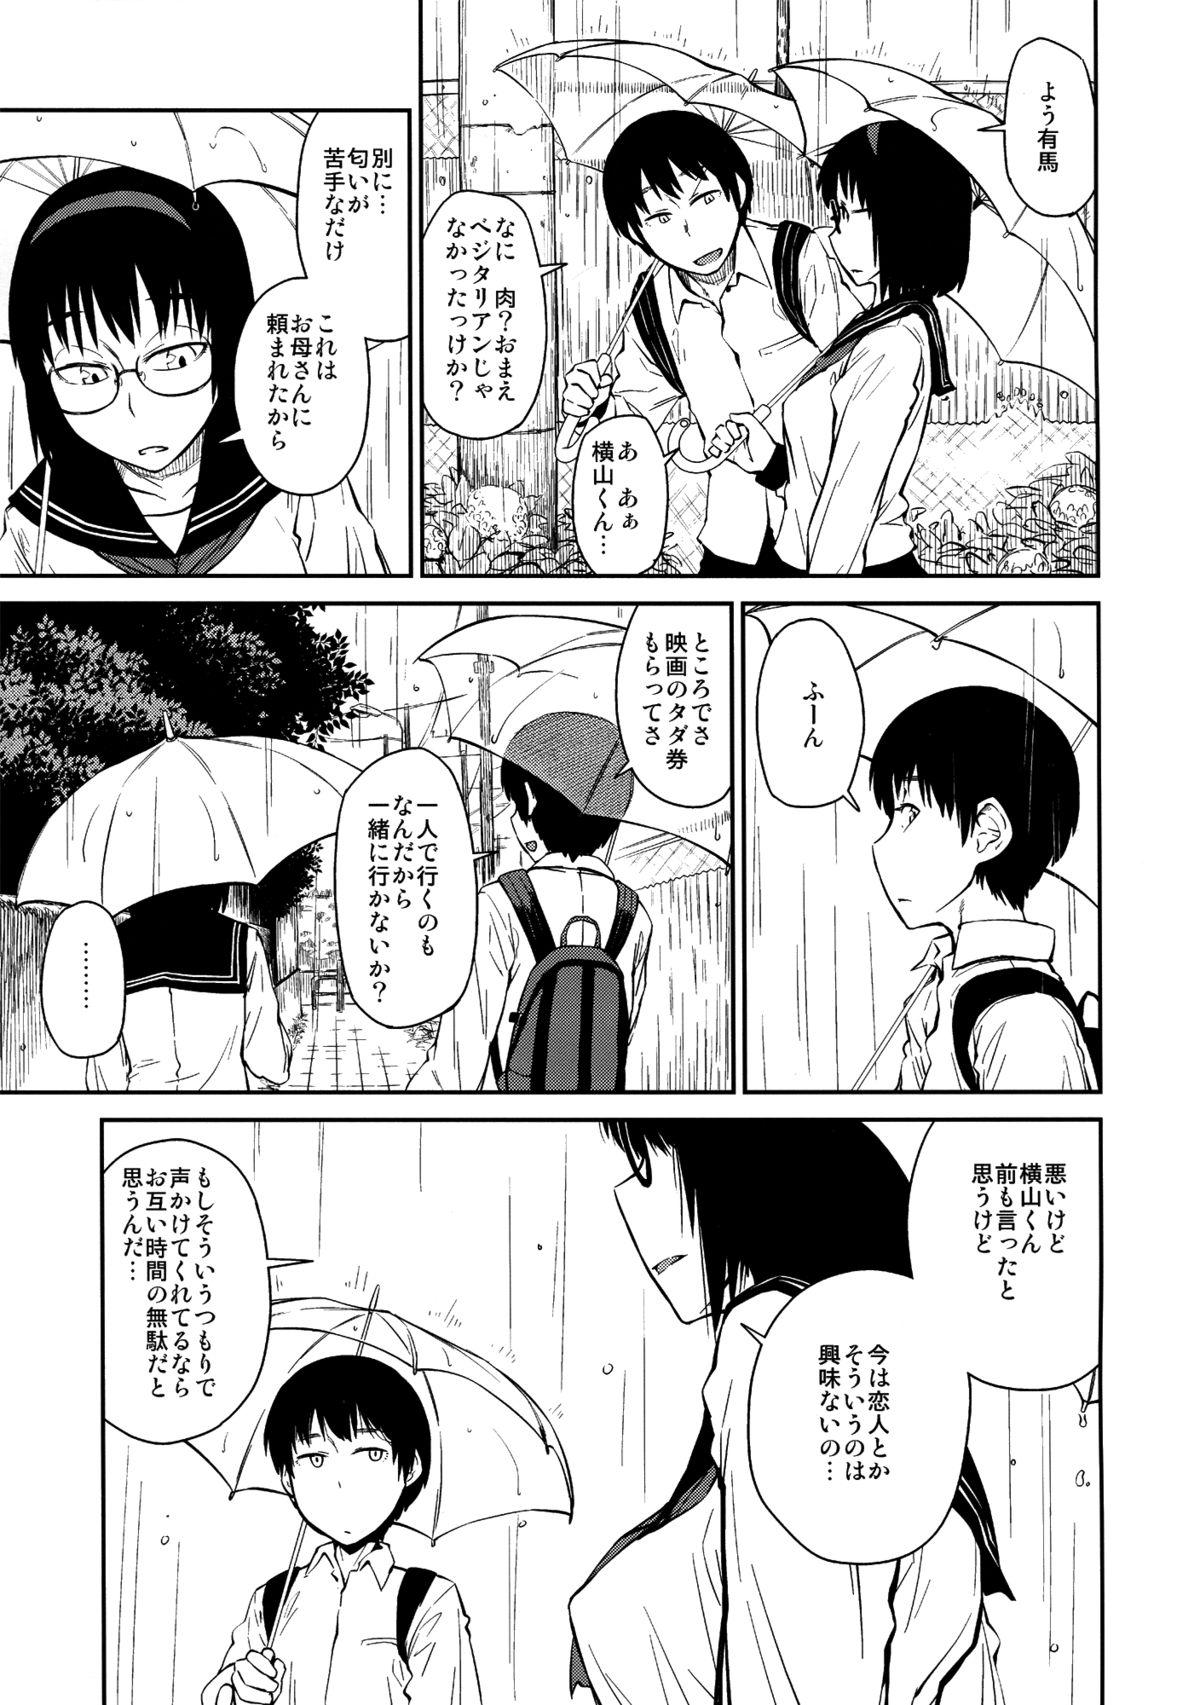 Yokushitsu no Igyou 6